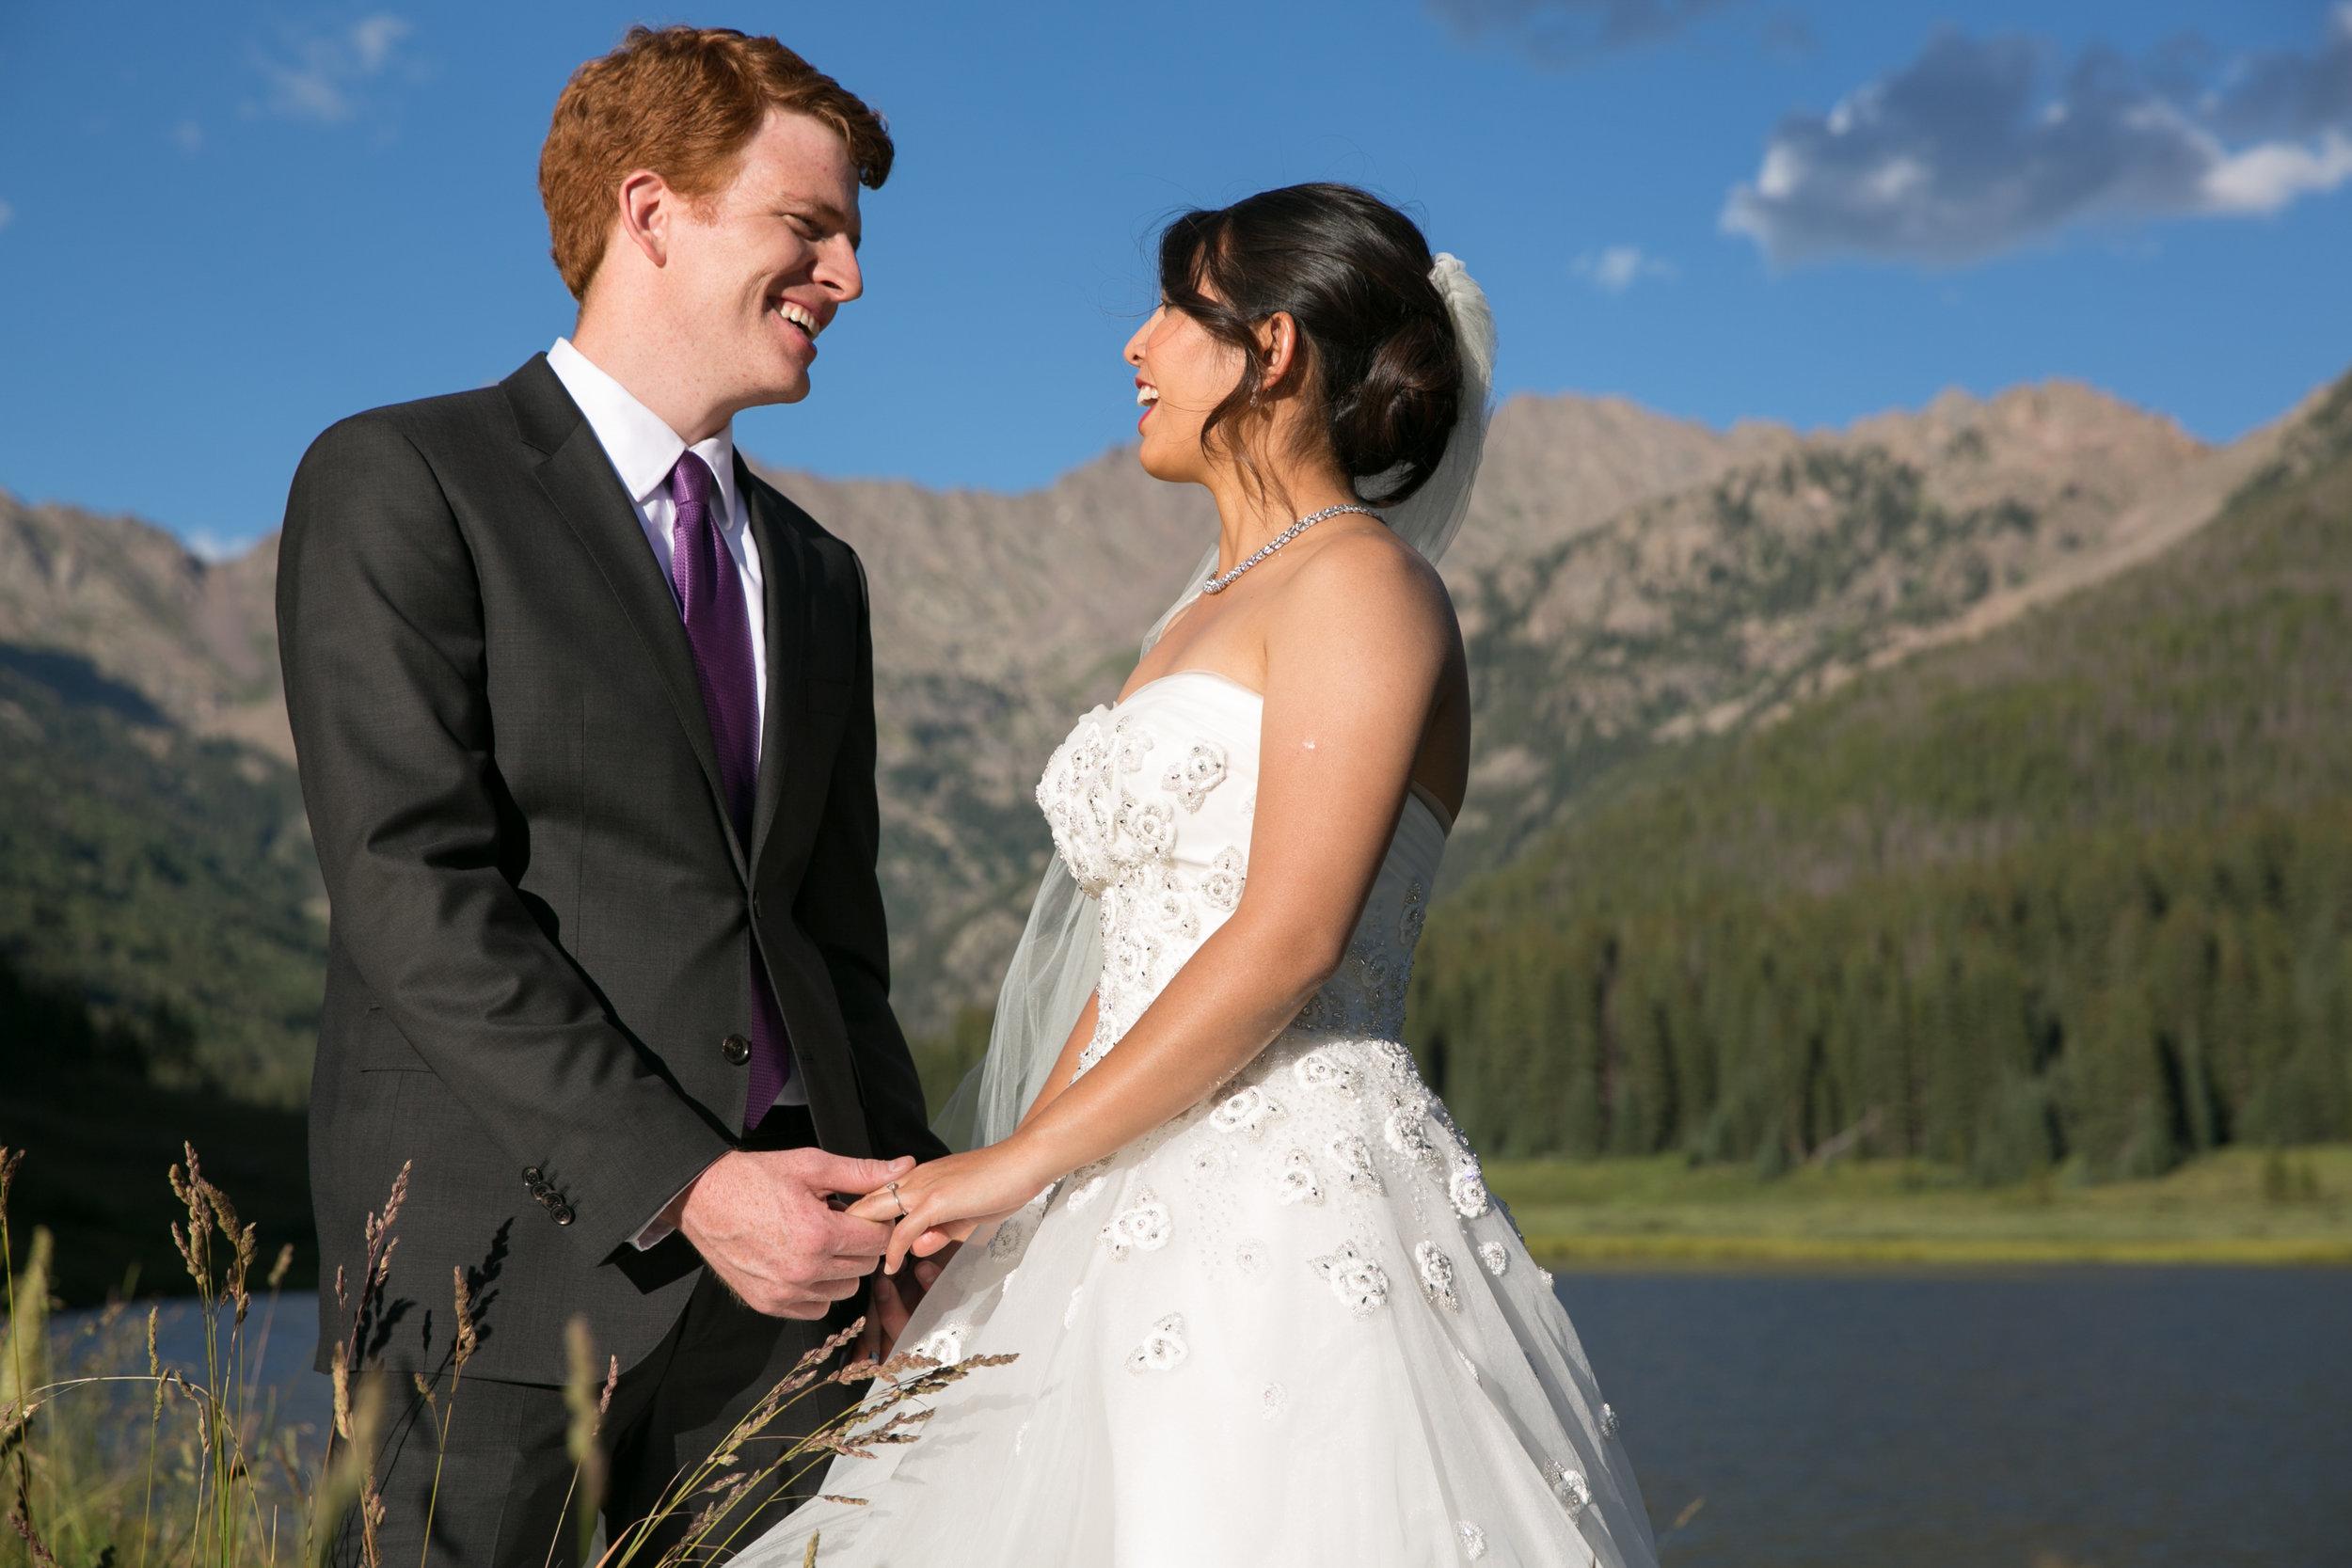 Weddings at Piney River Ranch